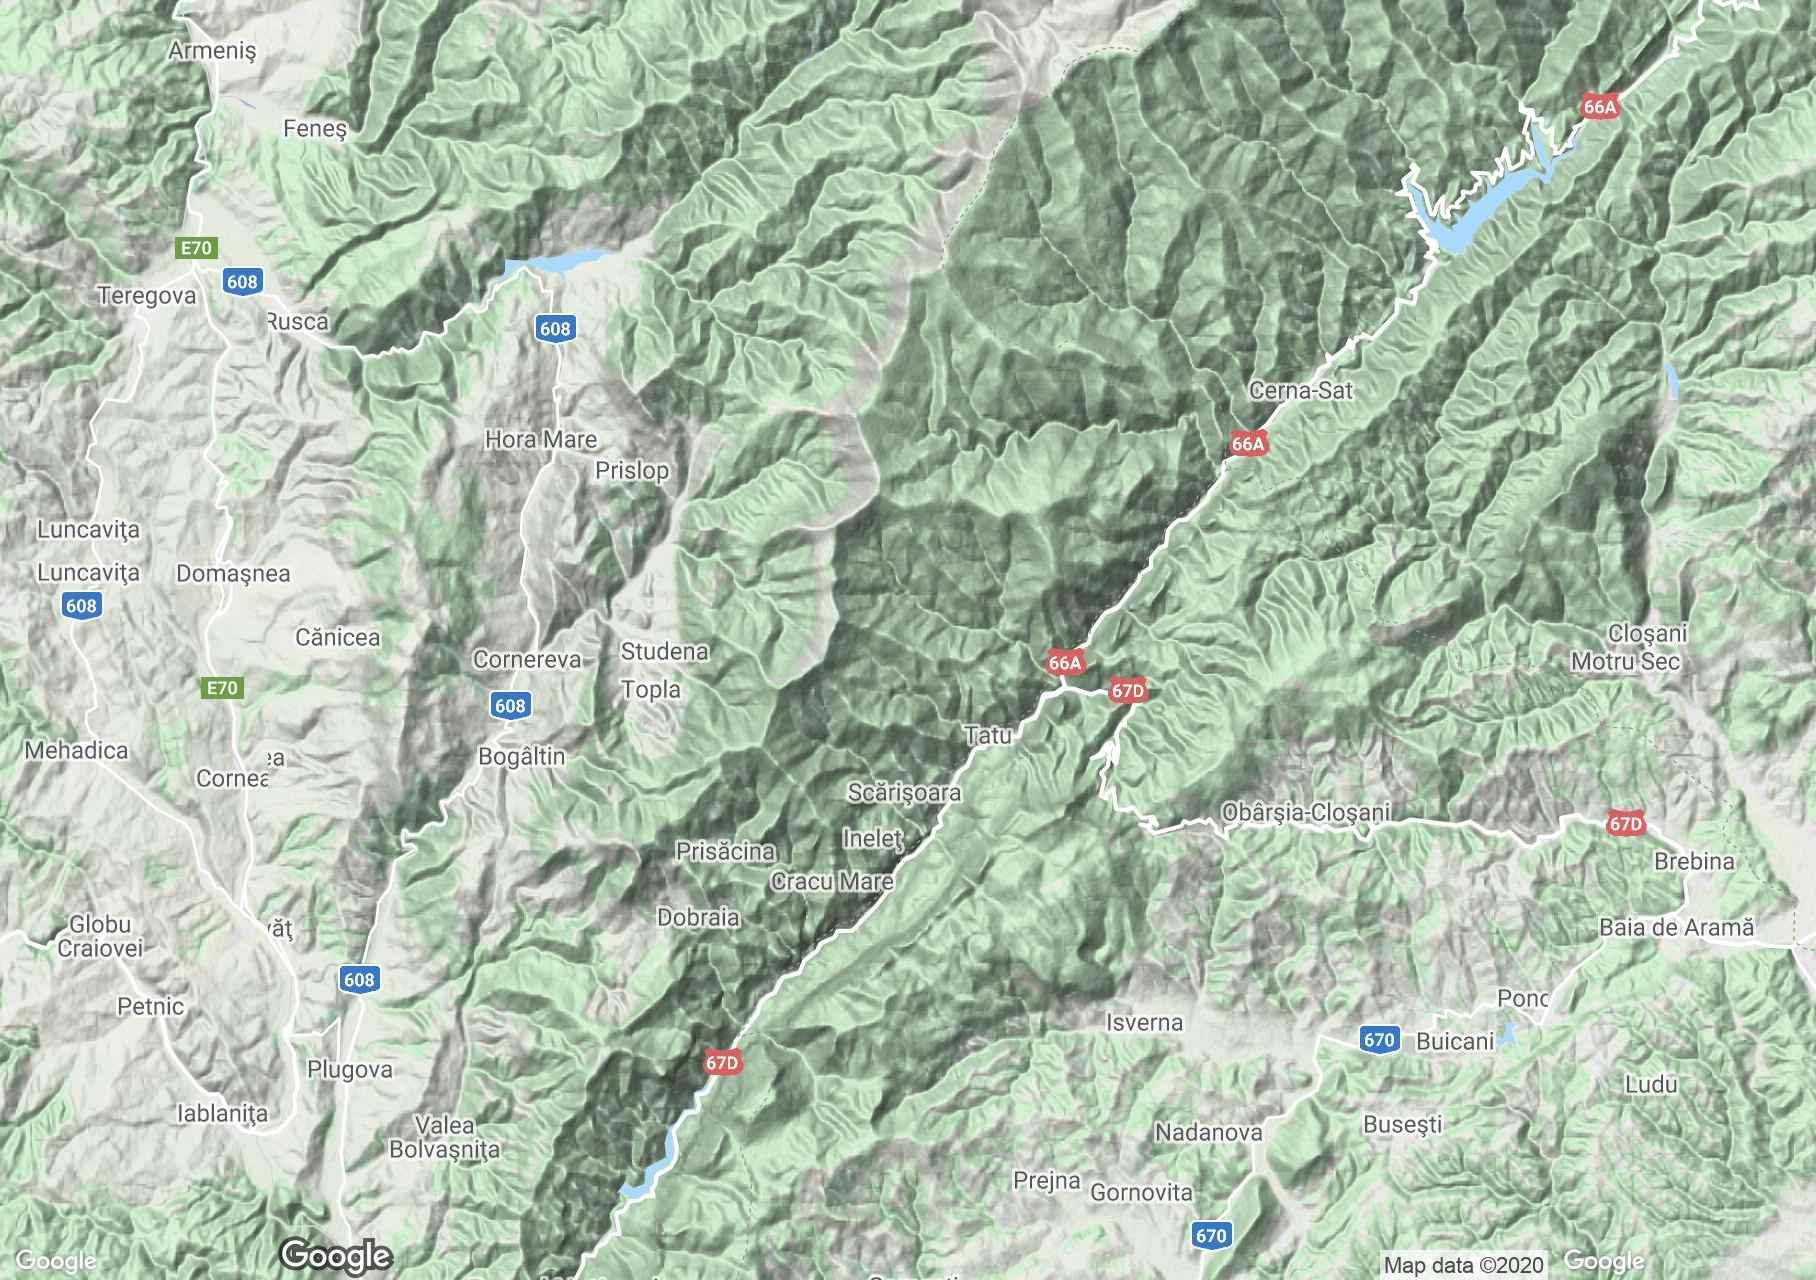 Munţii Cernei, Harta turistică interactivă